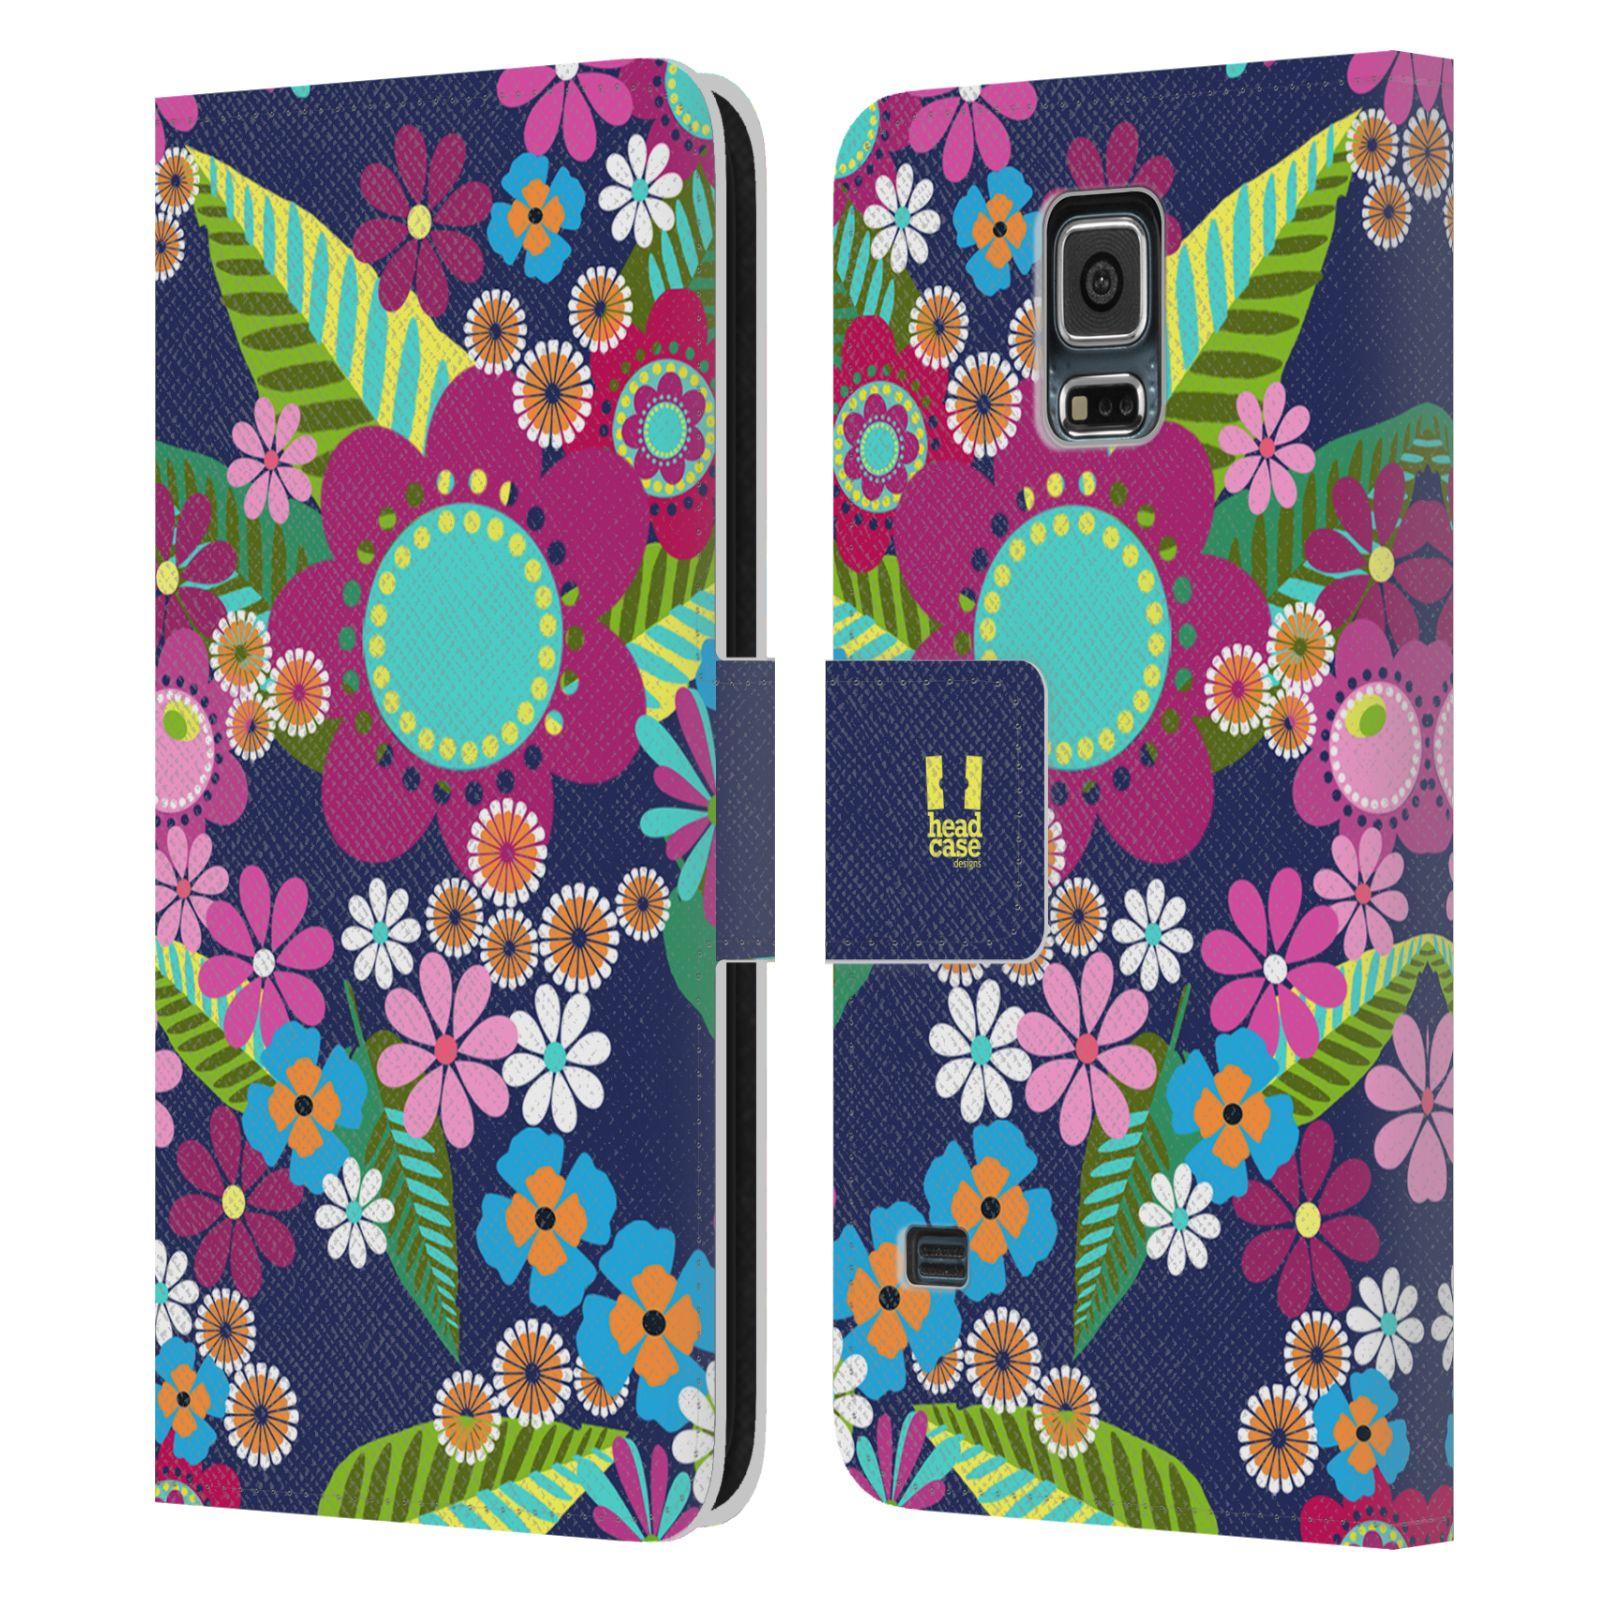 HEAD CASE Flipové pouzdro pro mobil Samsung Galaxy S5 / S5 NEO BOTANIKA barevné květy modrá